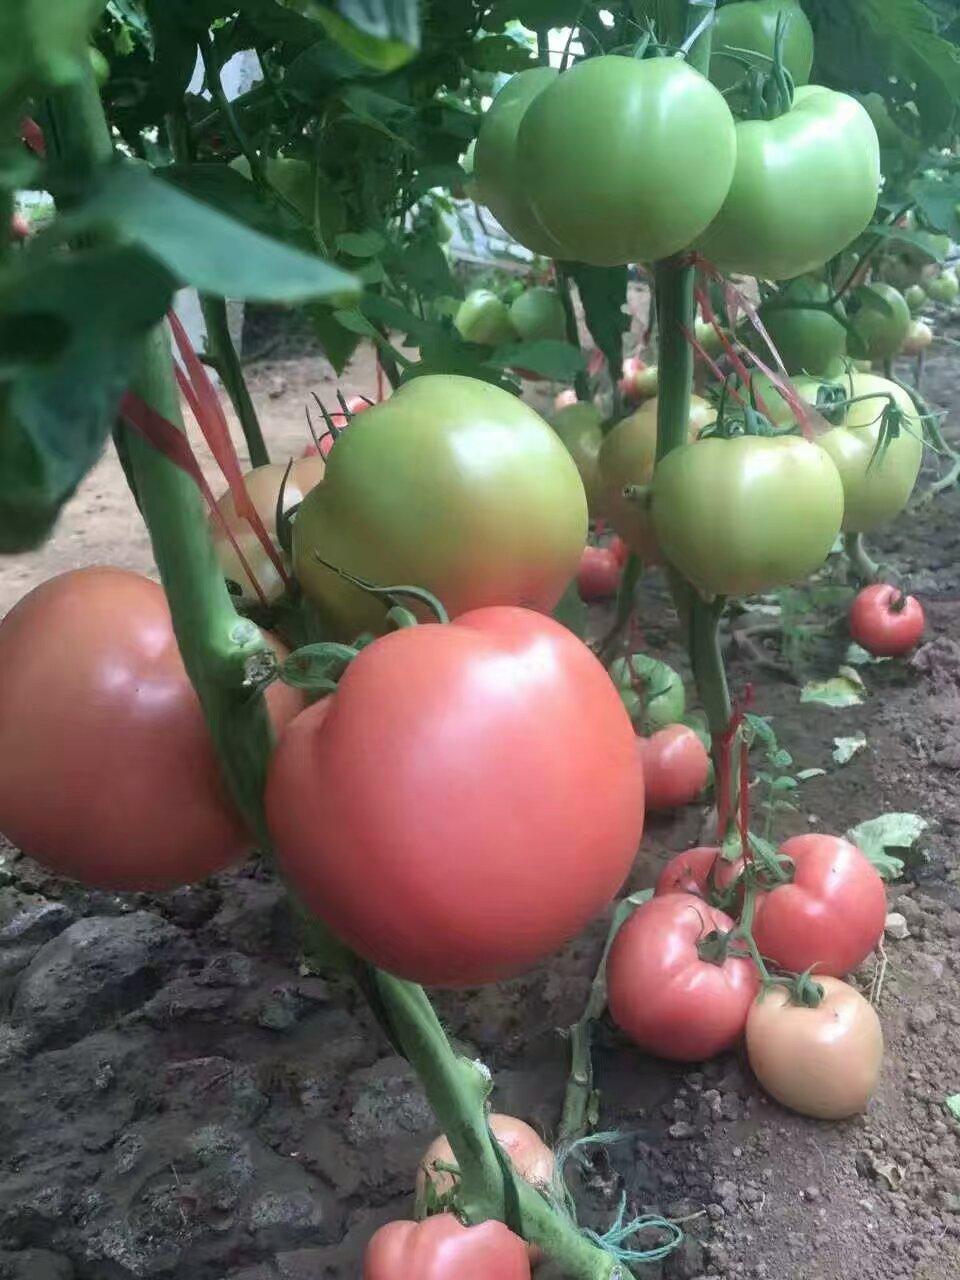 番茄增产亚虎官网app客户端肥哪家好?亚虎app客户端下载亚虎官网app客户端肥厂家好